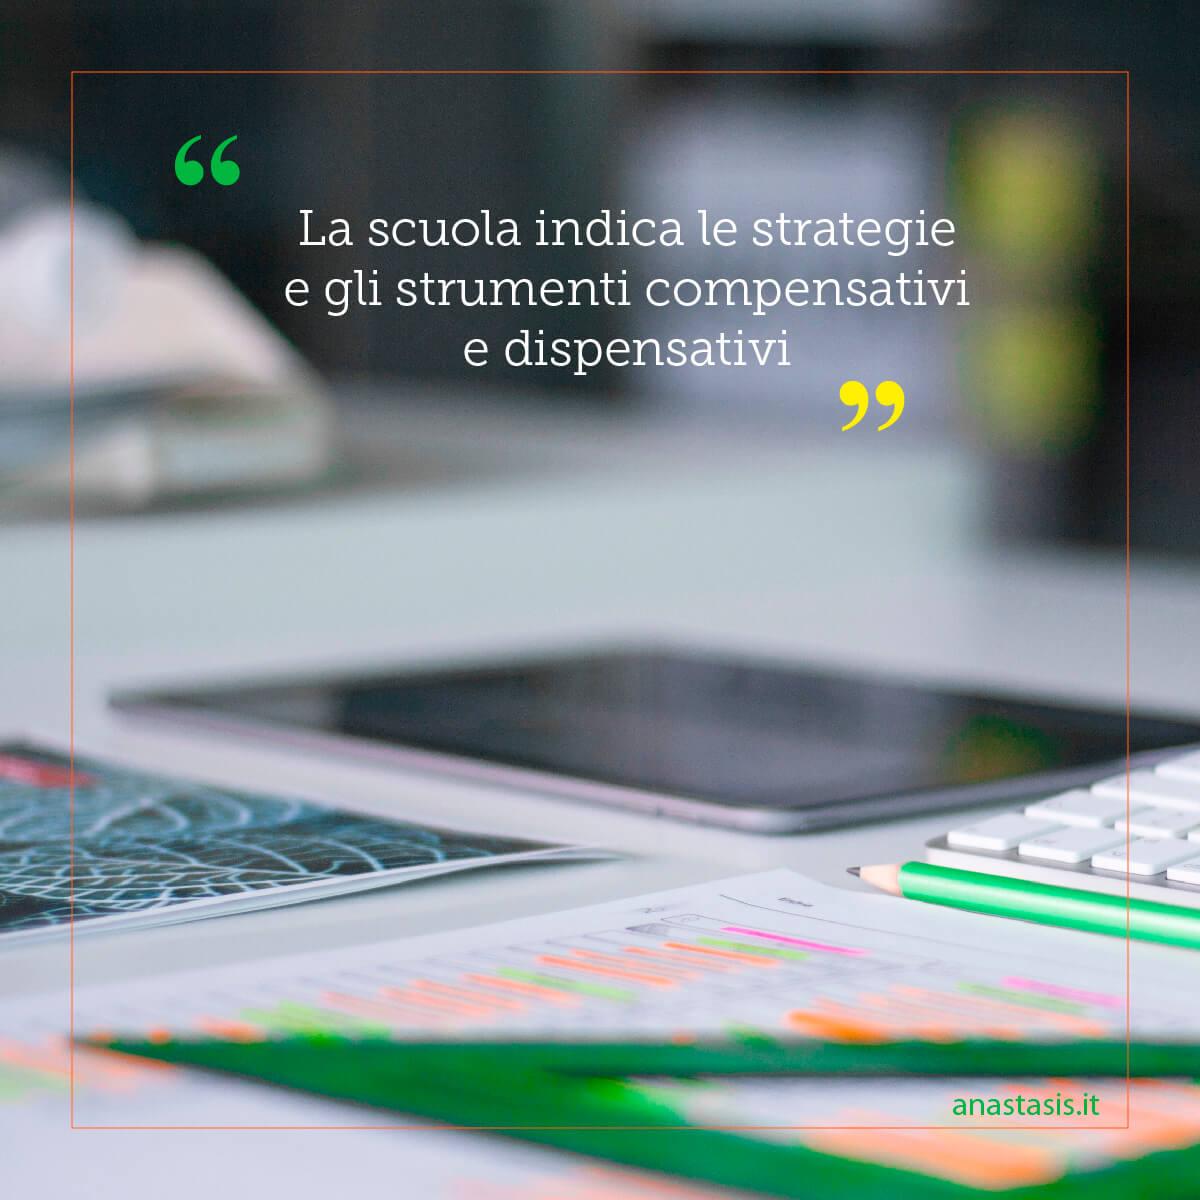 La scuola indica le strategie e gli strumenti compensativi e dispensativi